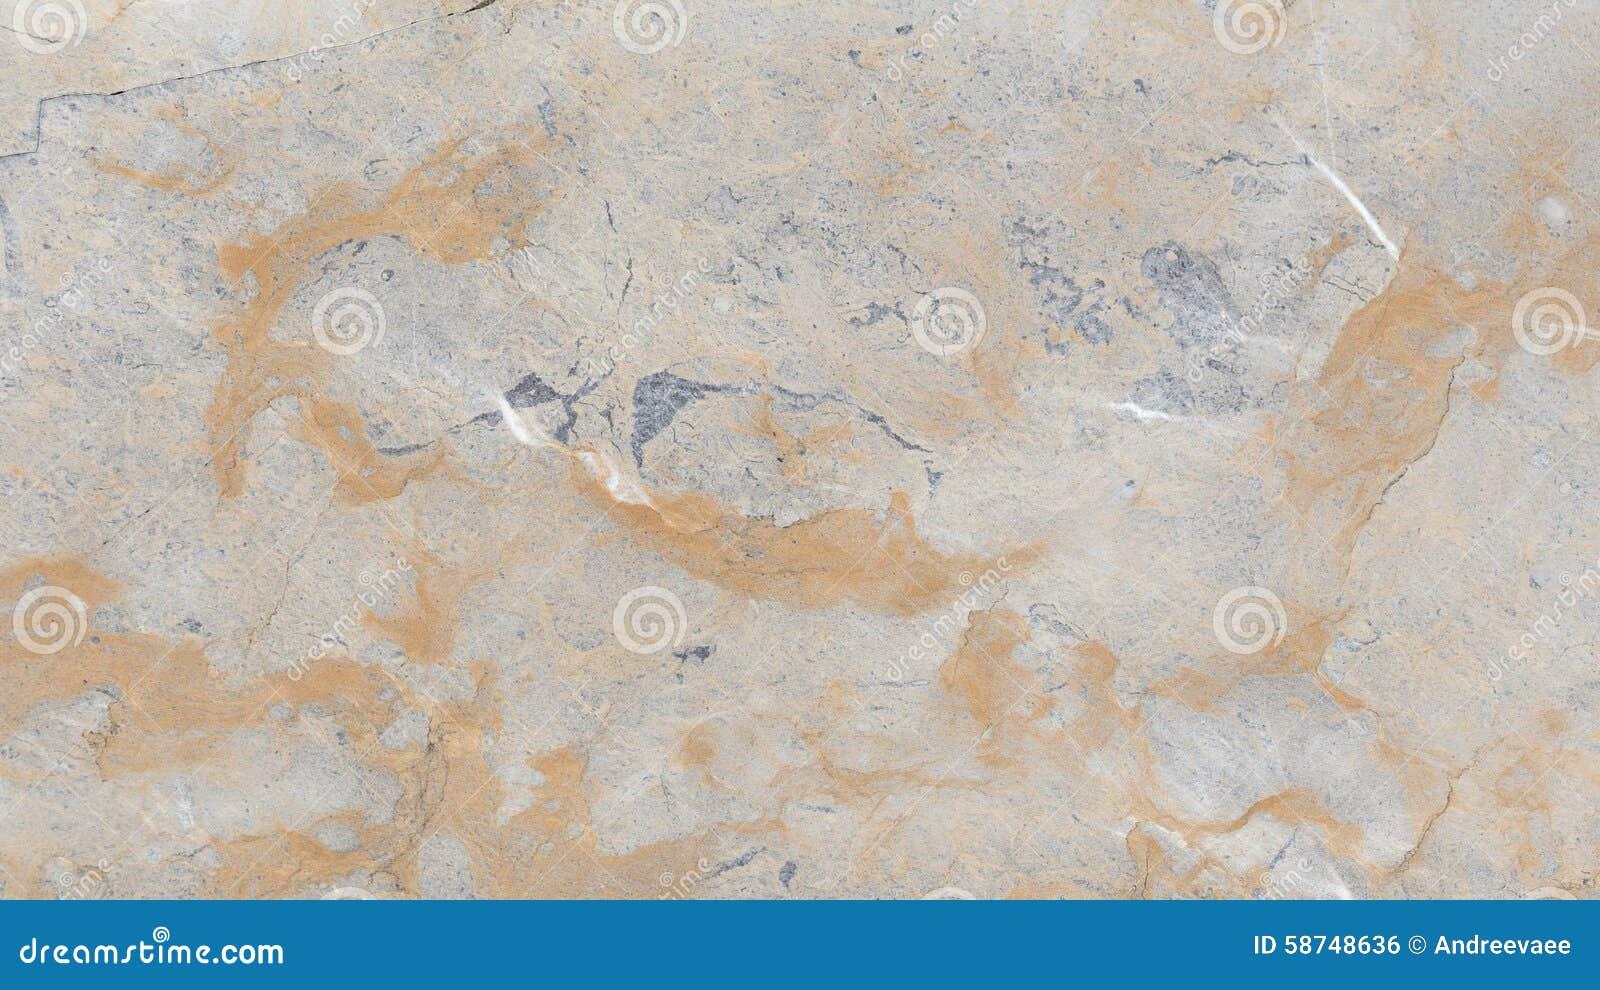 fläckar på marmor